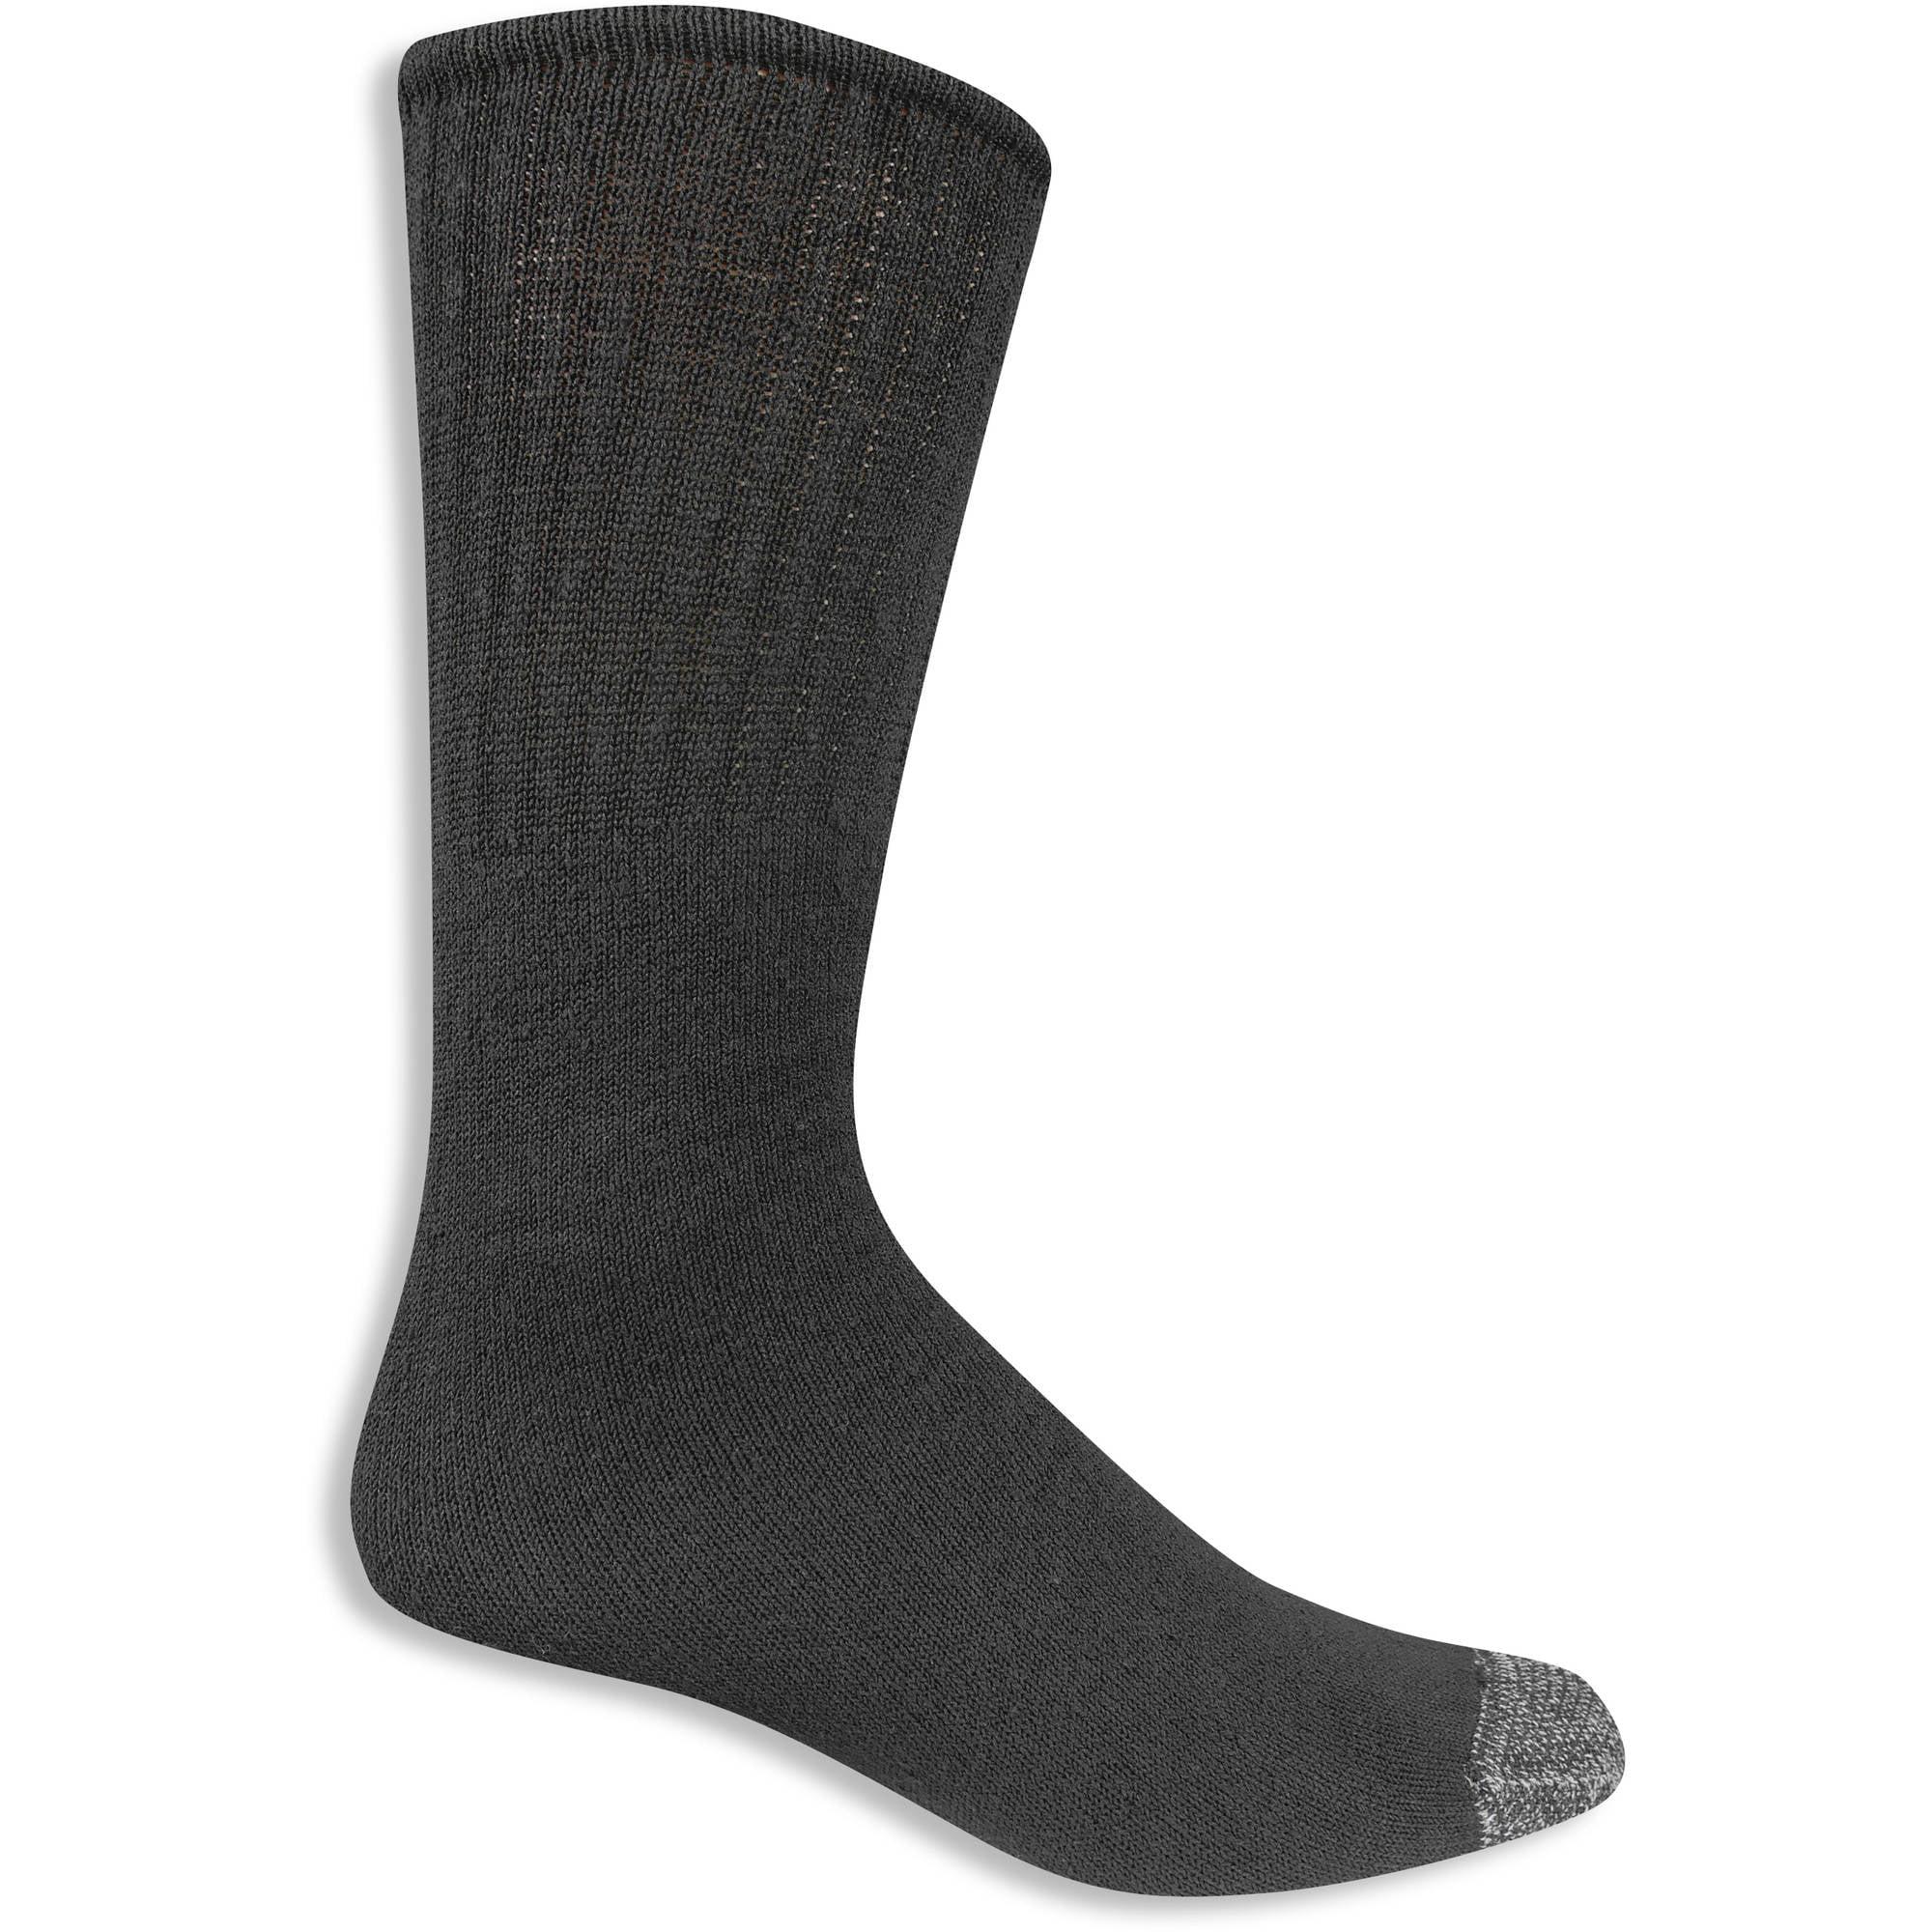 Starter Men's 6 Pack Of Tube Socks